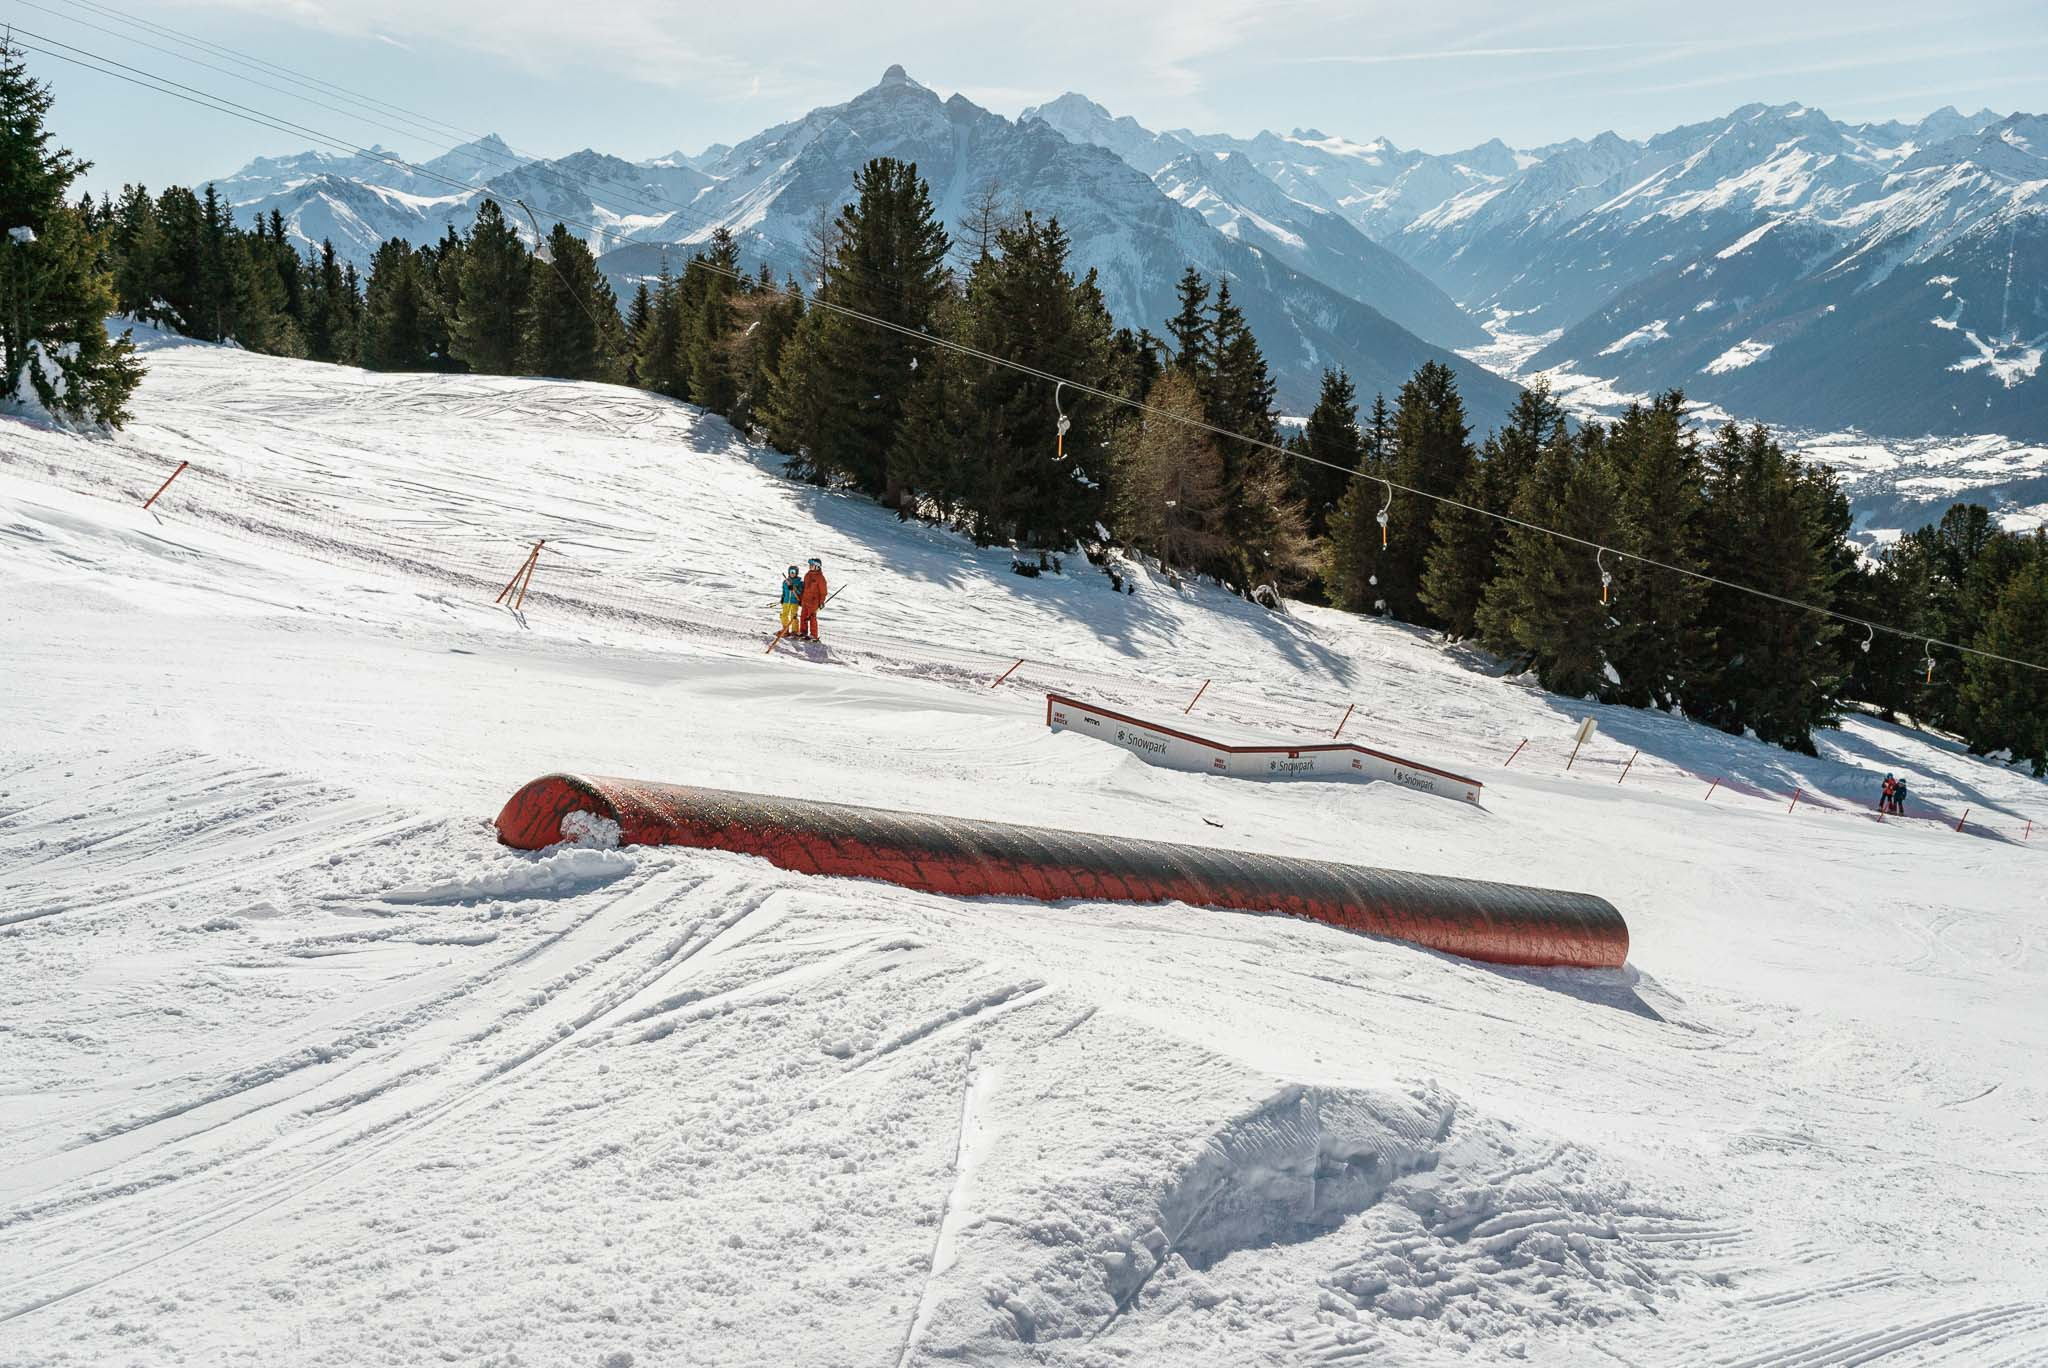 Ebenfalls neu in der Saison 18/19: Ein Metall Tube (ca. 8 Meter) - perfekt für erste Versuche von neuen Tricks